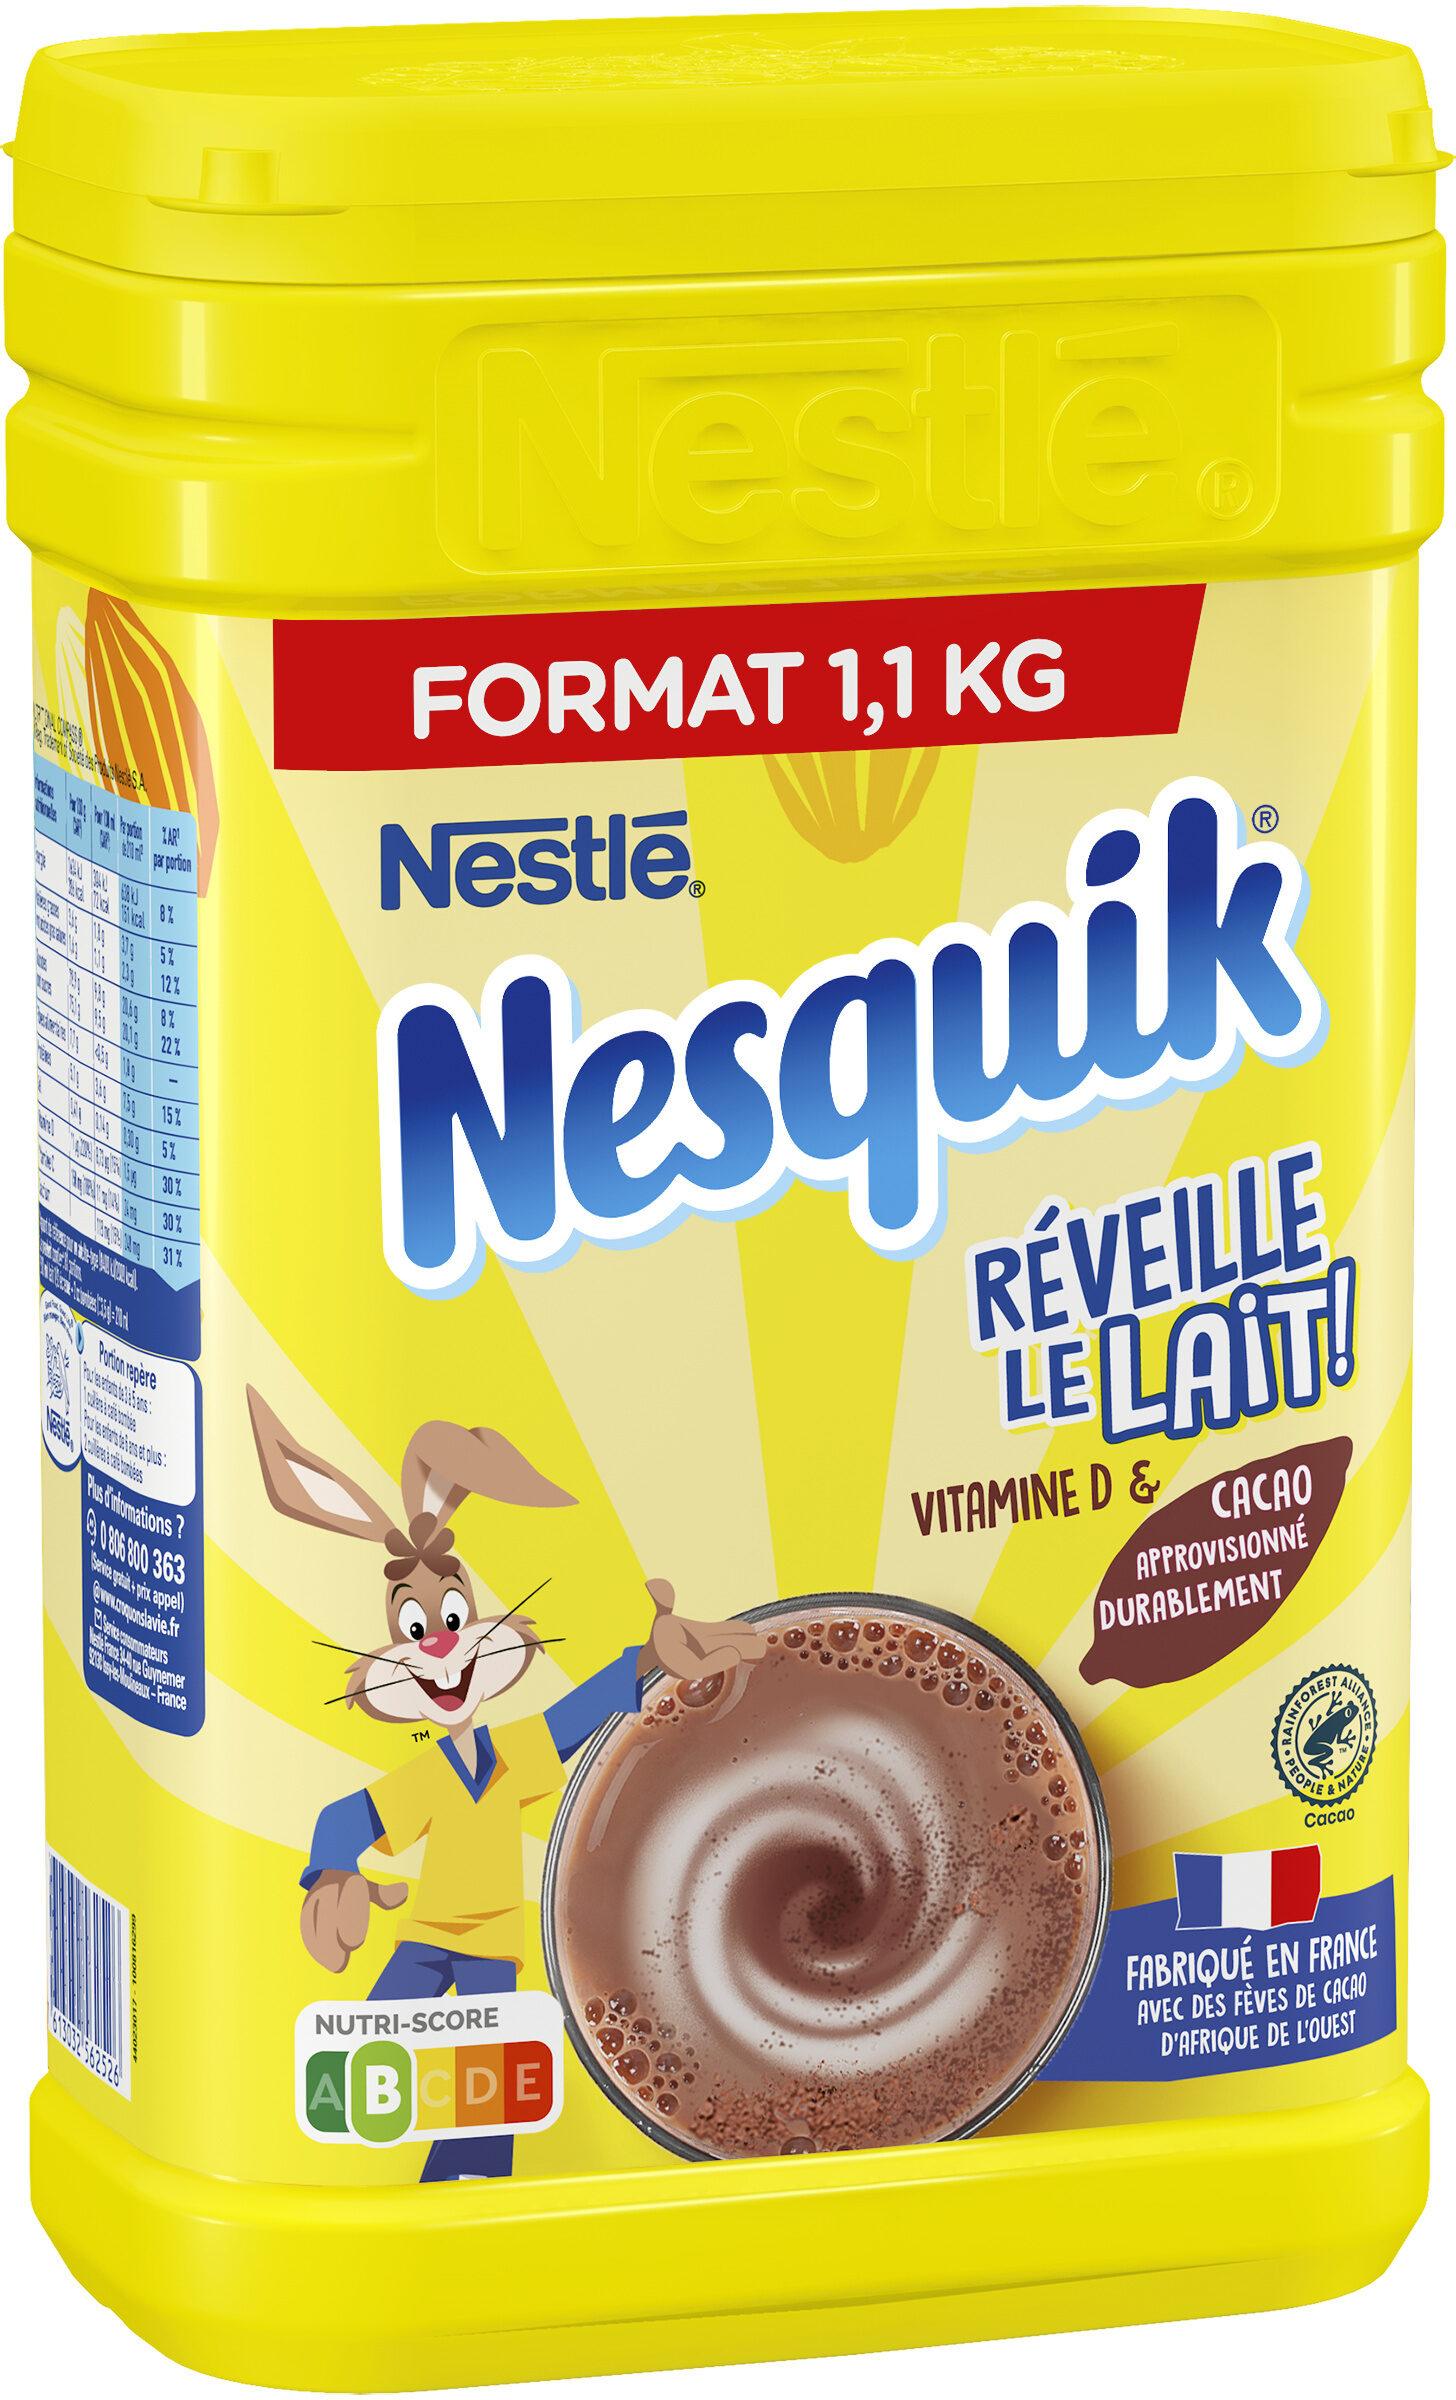 NESQUIK Poudre Cacaotée boîte 1,1kg - Product - fr